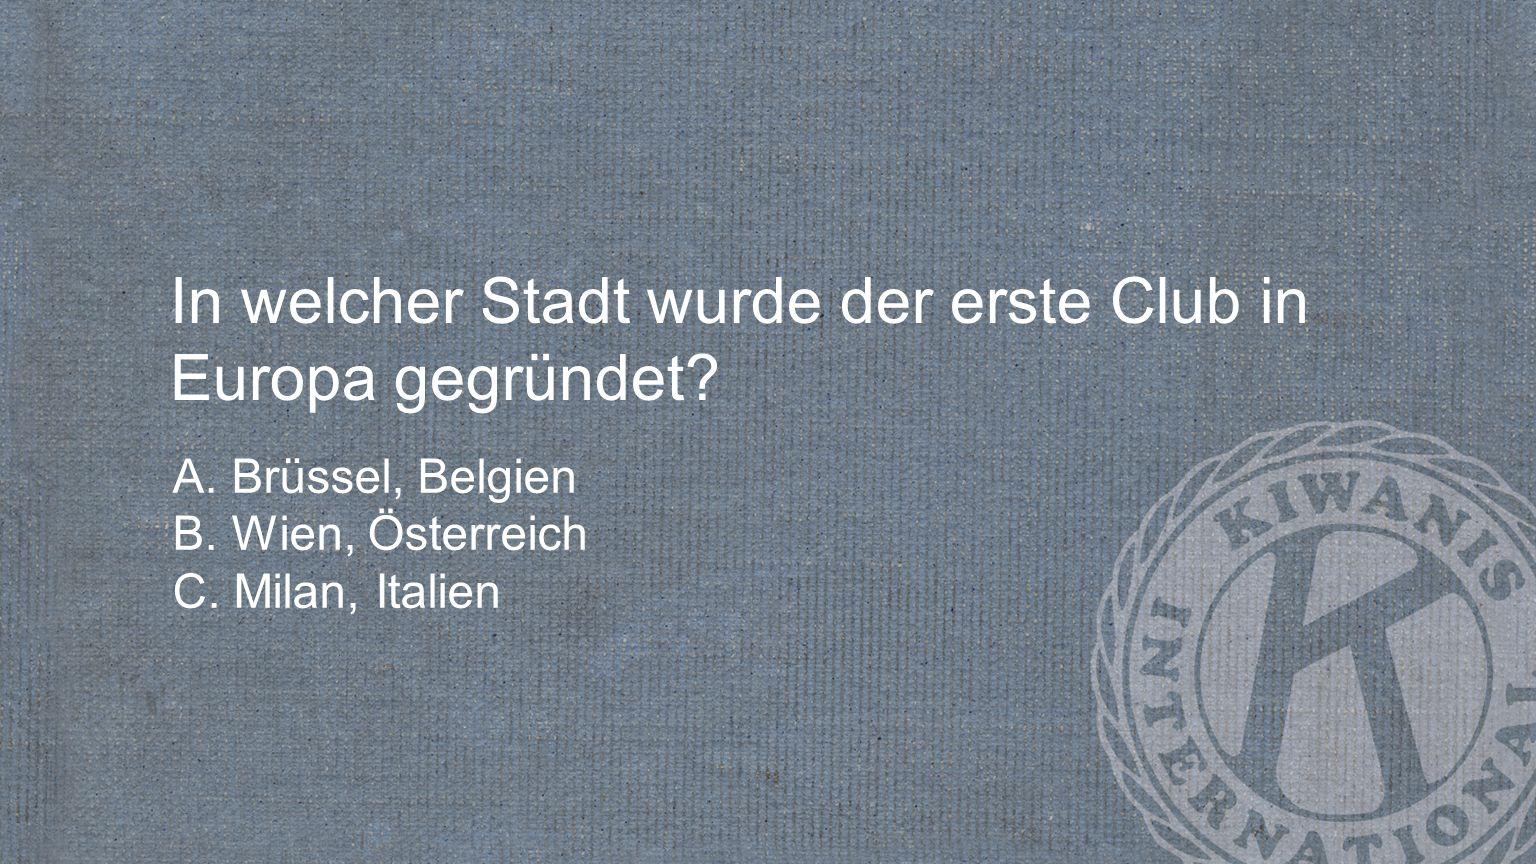 In welcher Stadt wurde der erste Club in Europa gegründet? A. Brüssel, Belgien B. Wien, Österreich C. Milan, Italien